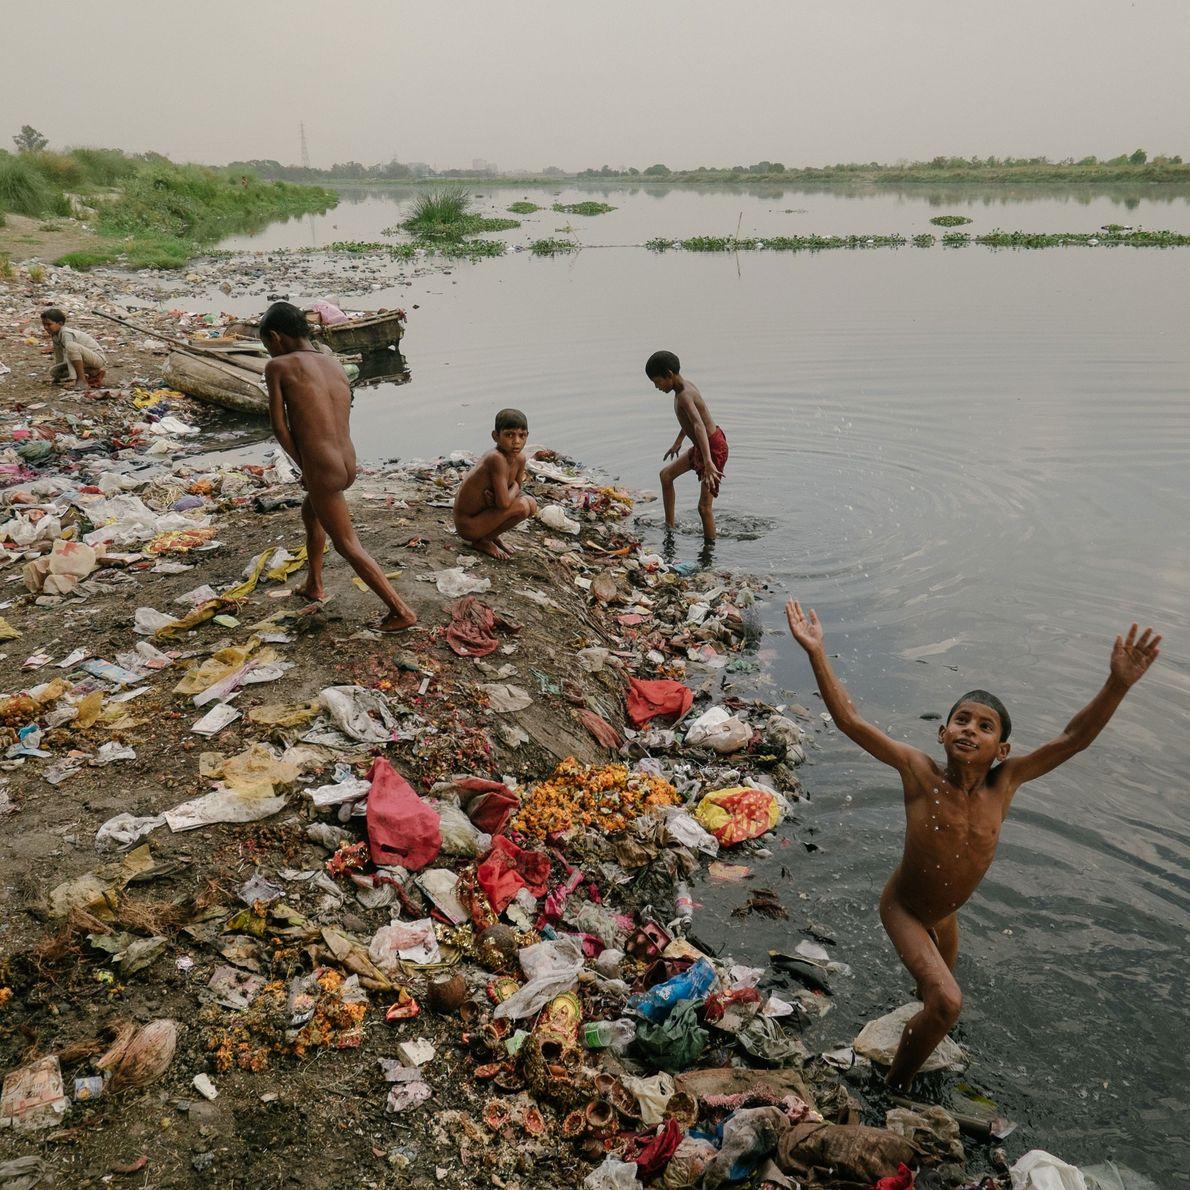 crianças brincam e trabalham em rio poluído